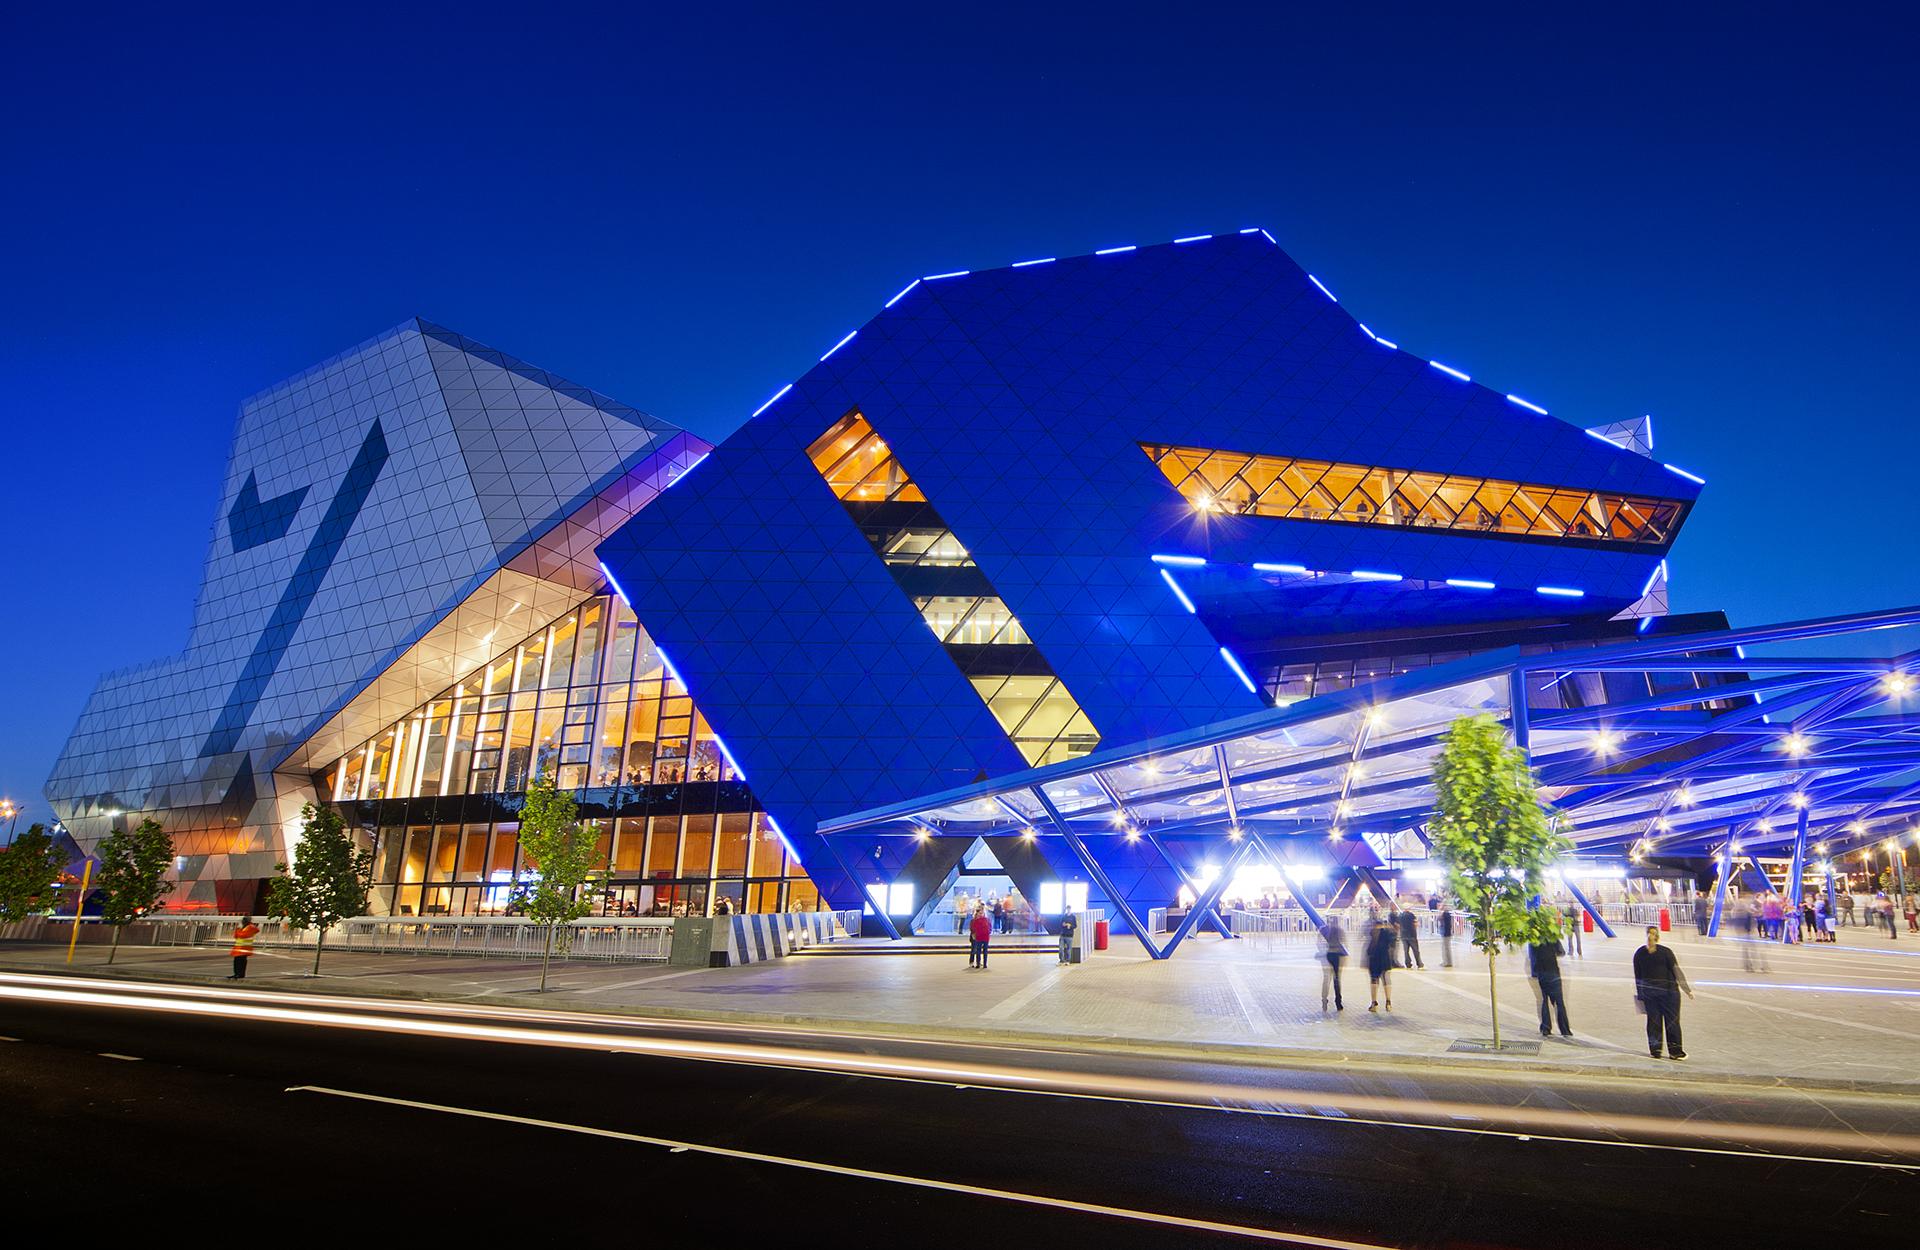 Perth Arena Perth Cameron Chisholm Nicol